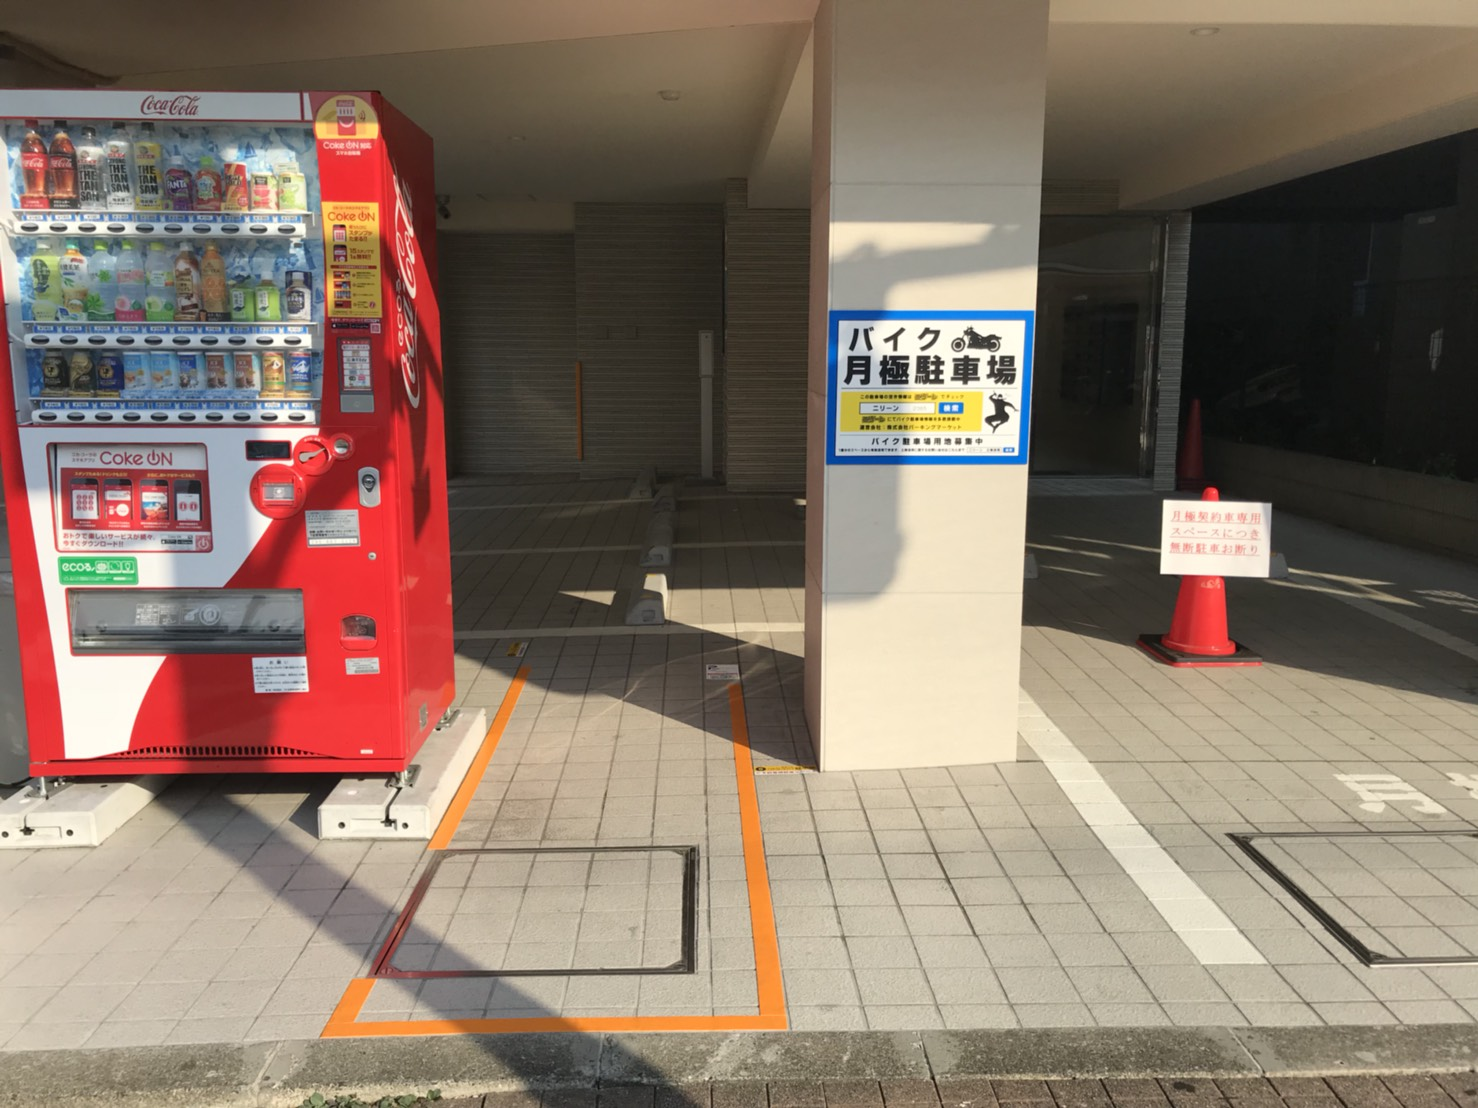 月極駐車場 Dパーキングレジス立川高松町の写真1